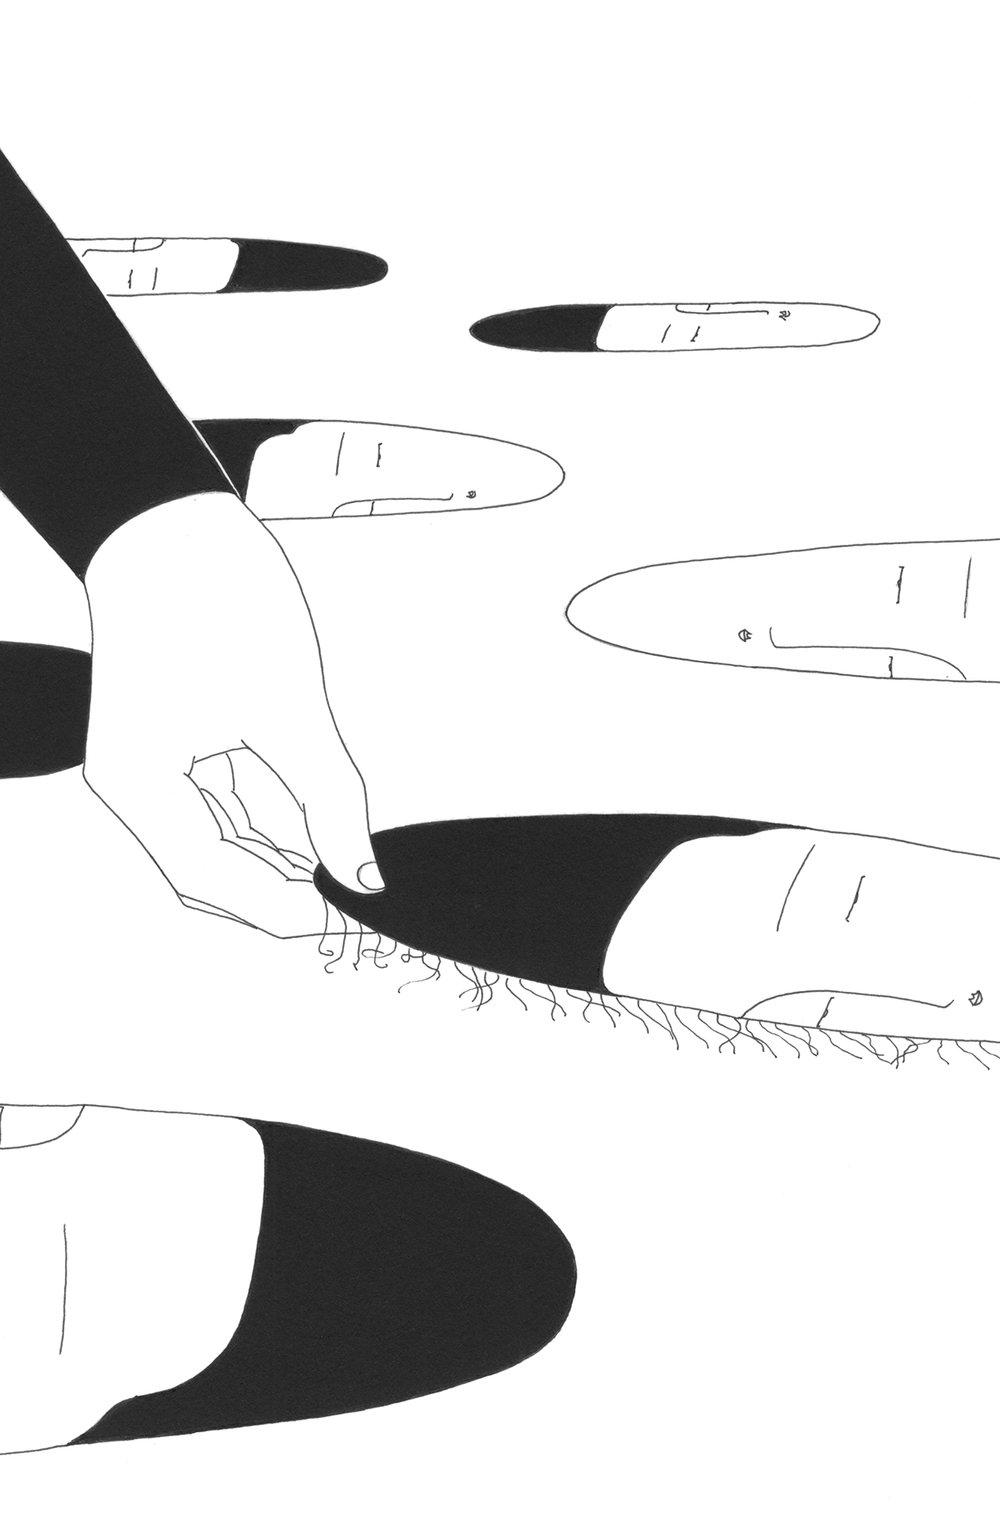 안 쓴 얼굴 / Raise my face Op. 0123CS-6 -21 x 29.7 cm,종이에 펜, 마커 / Pigment liner and marker on paper, 2016 Commissioned by Minumsa